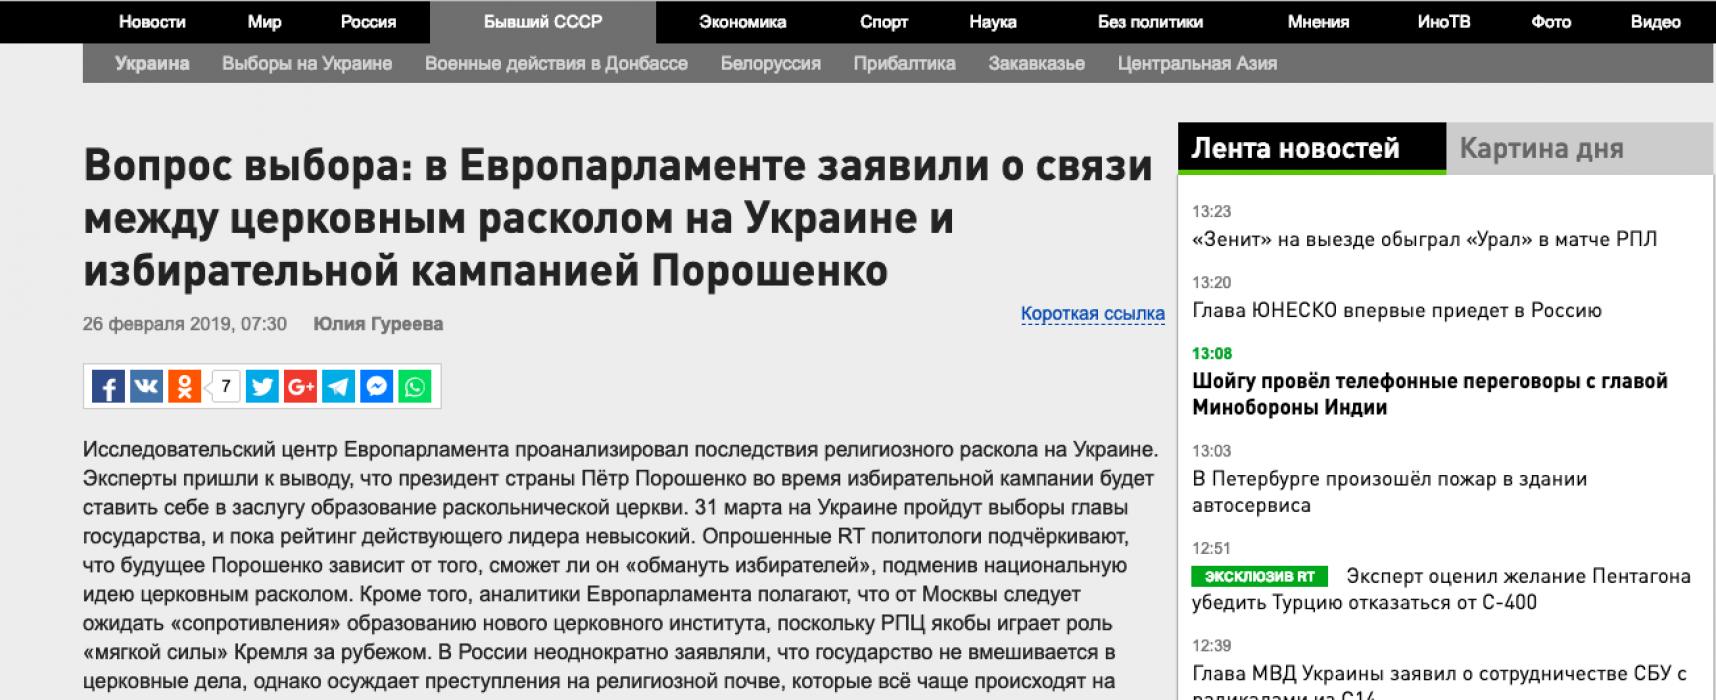 Fake: il Parlamento europeo accusa Poroshenko di utilizzare lo scisma della Chiesa per vincere le elezioni